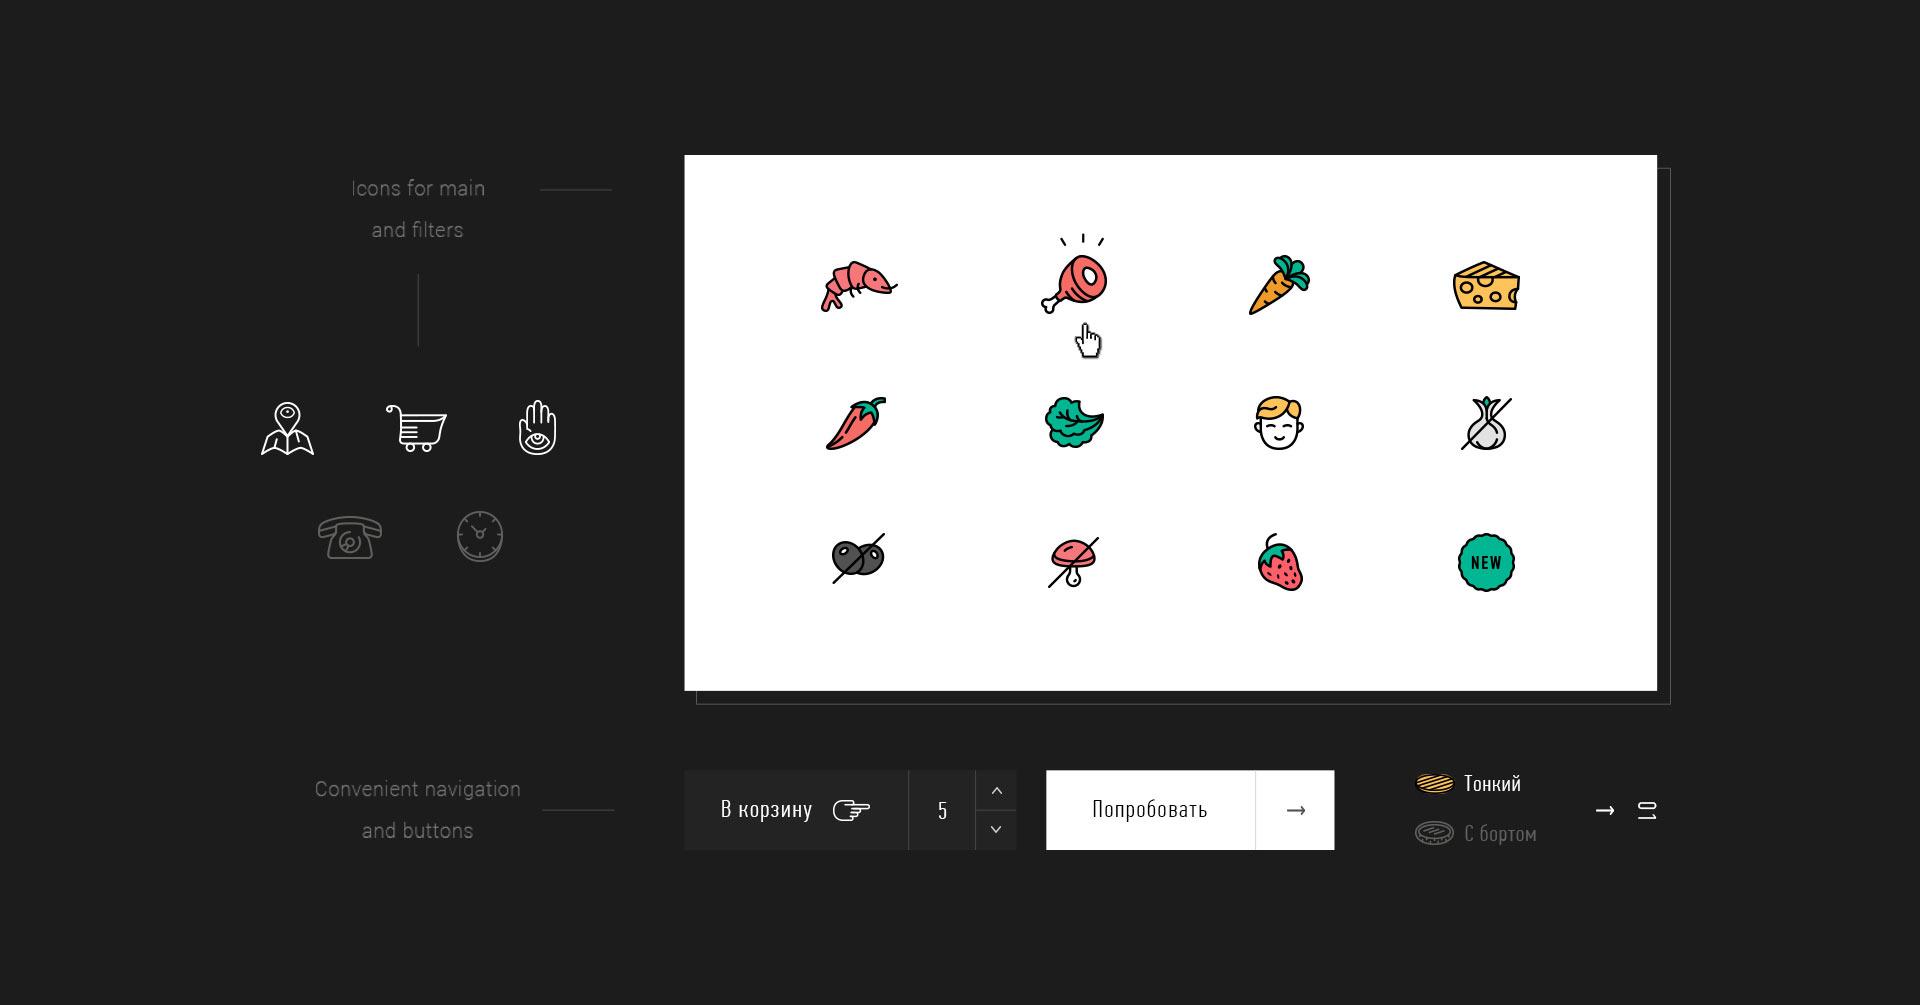 создание графики и иконок для сайта